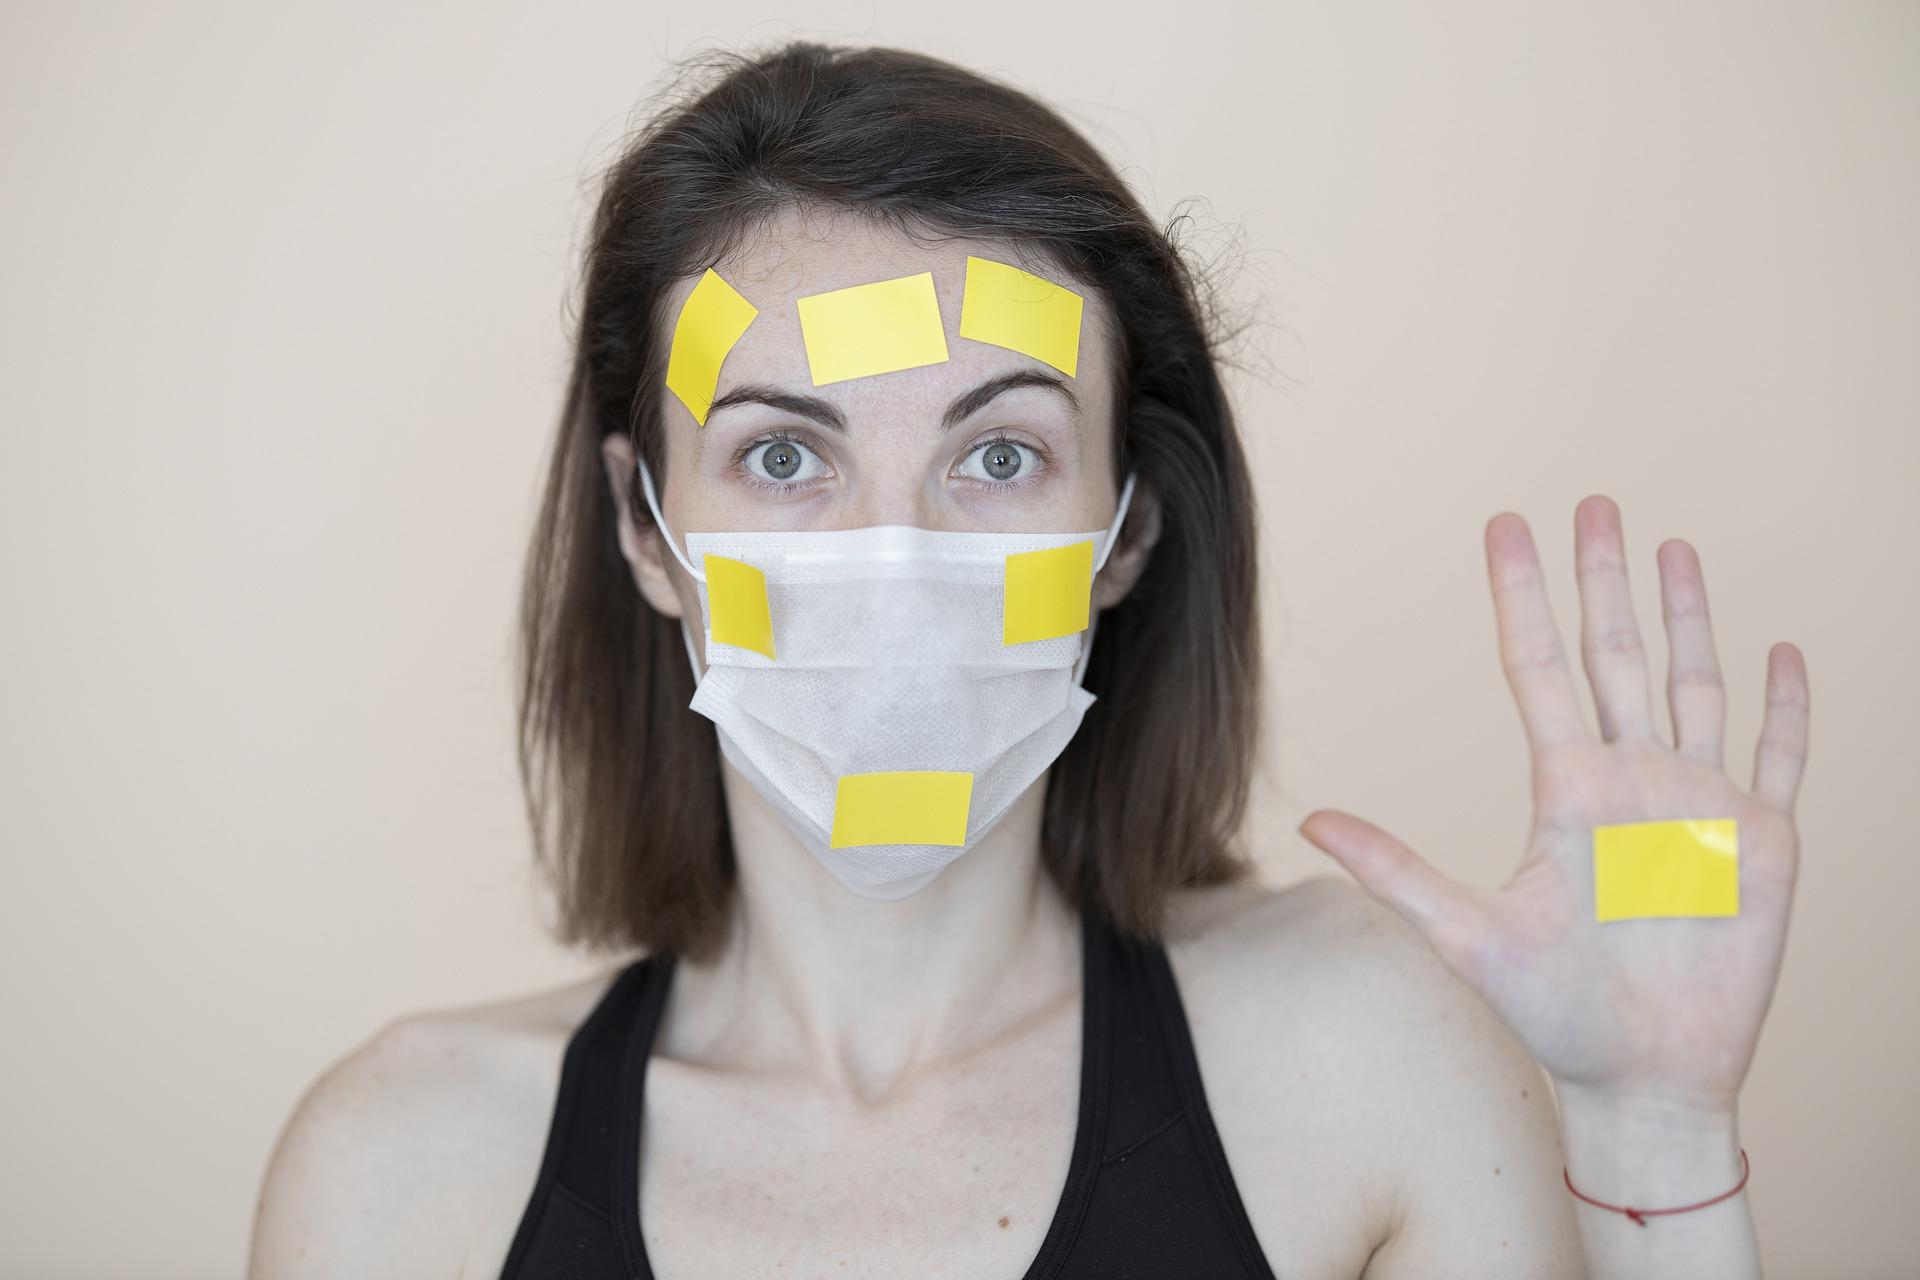 Иммунолог Болибок сообщил, что одышка стала самым опасным симптомом COVID-19